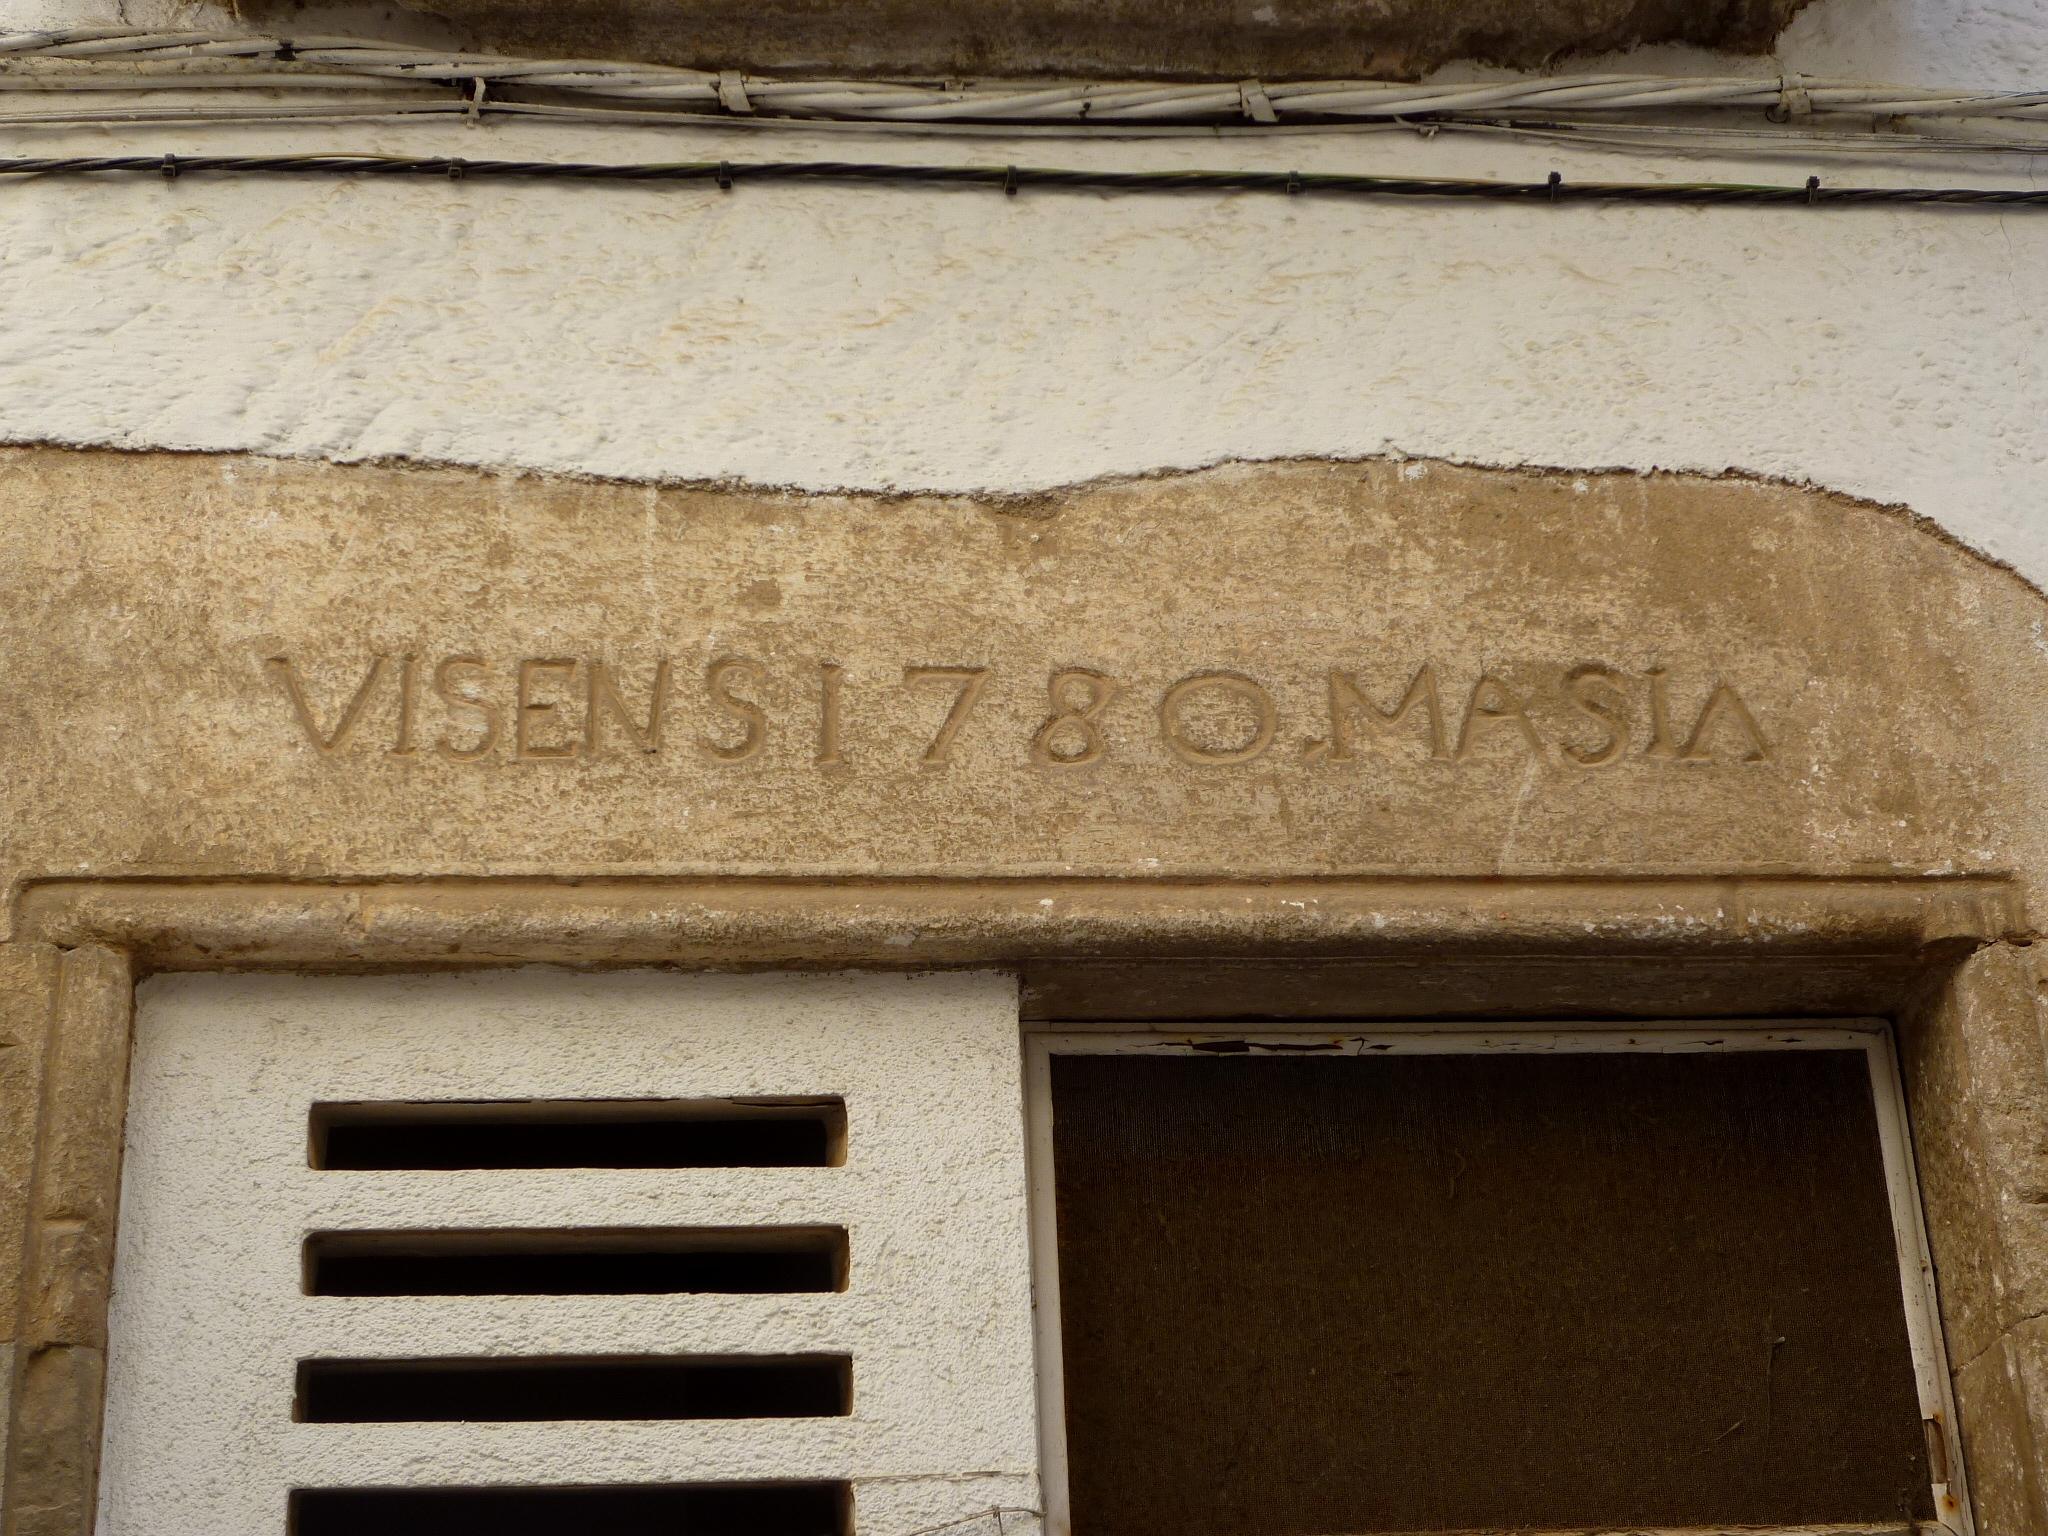 FileCASA VICENS MACI  TOSSA  IB147JPG  Wikimedia